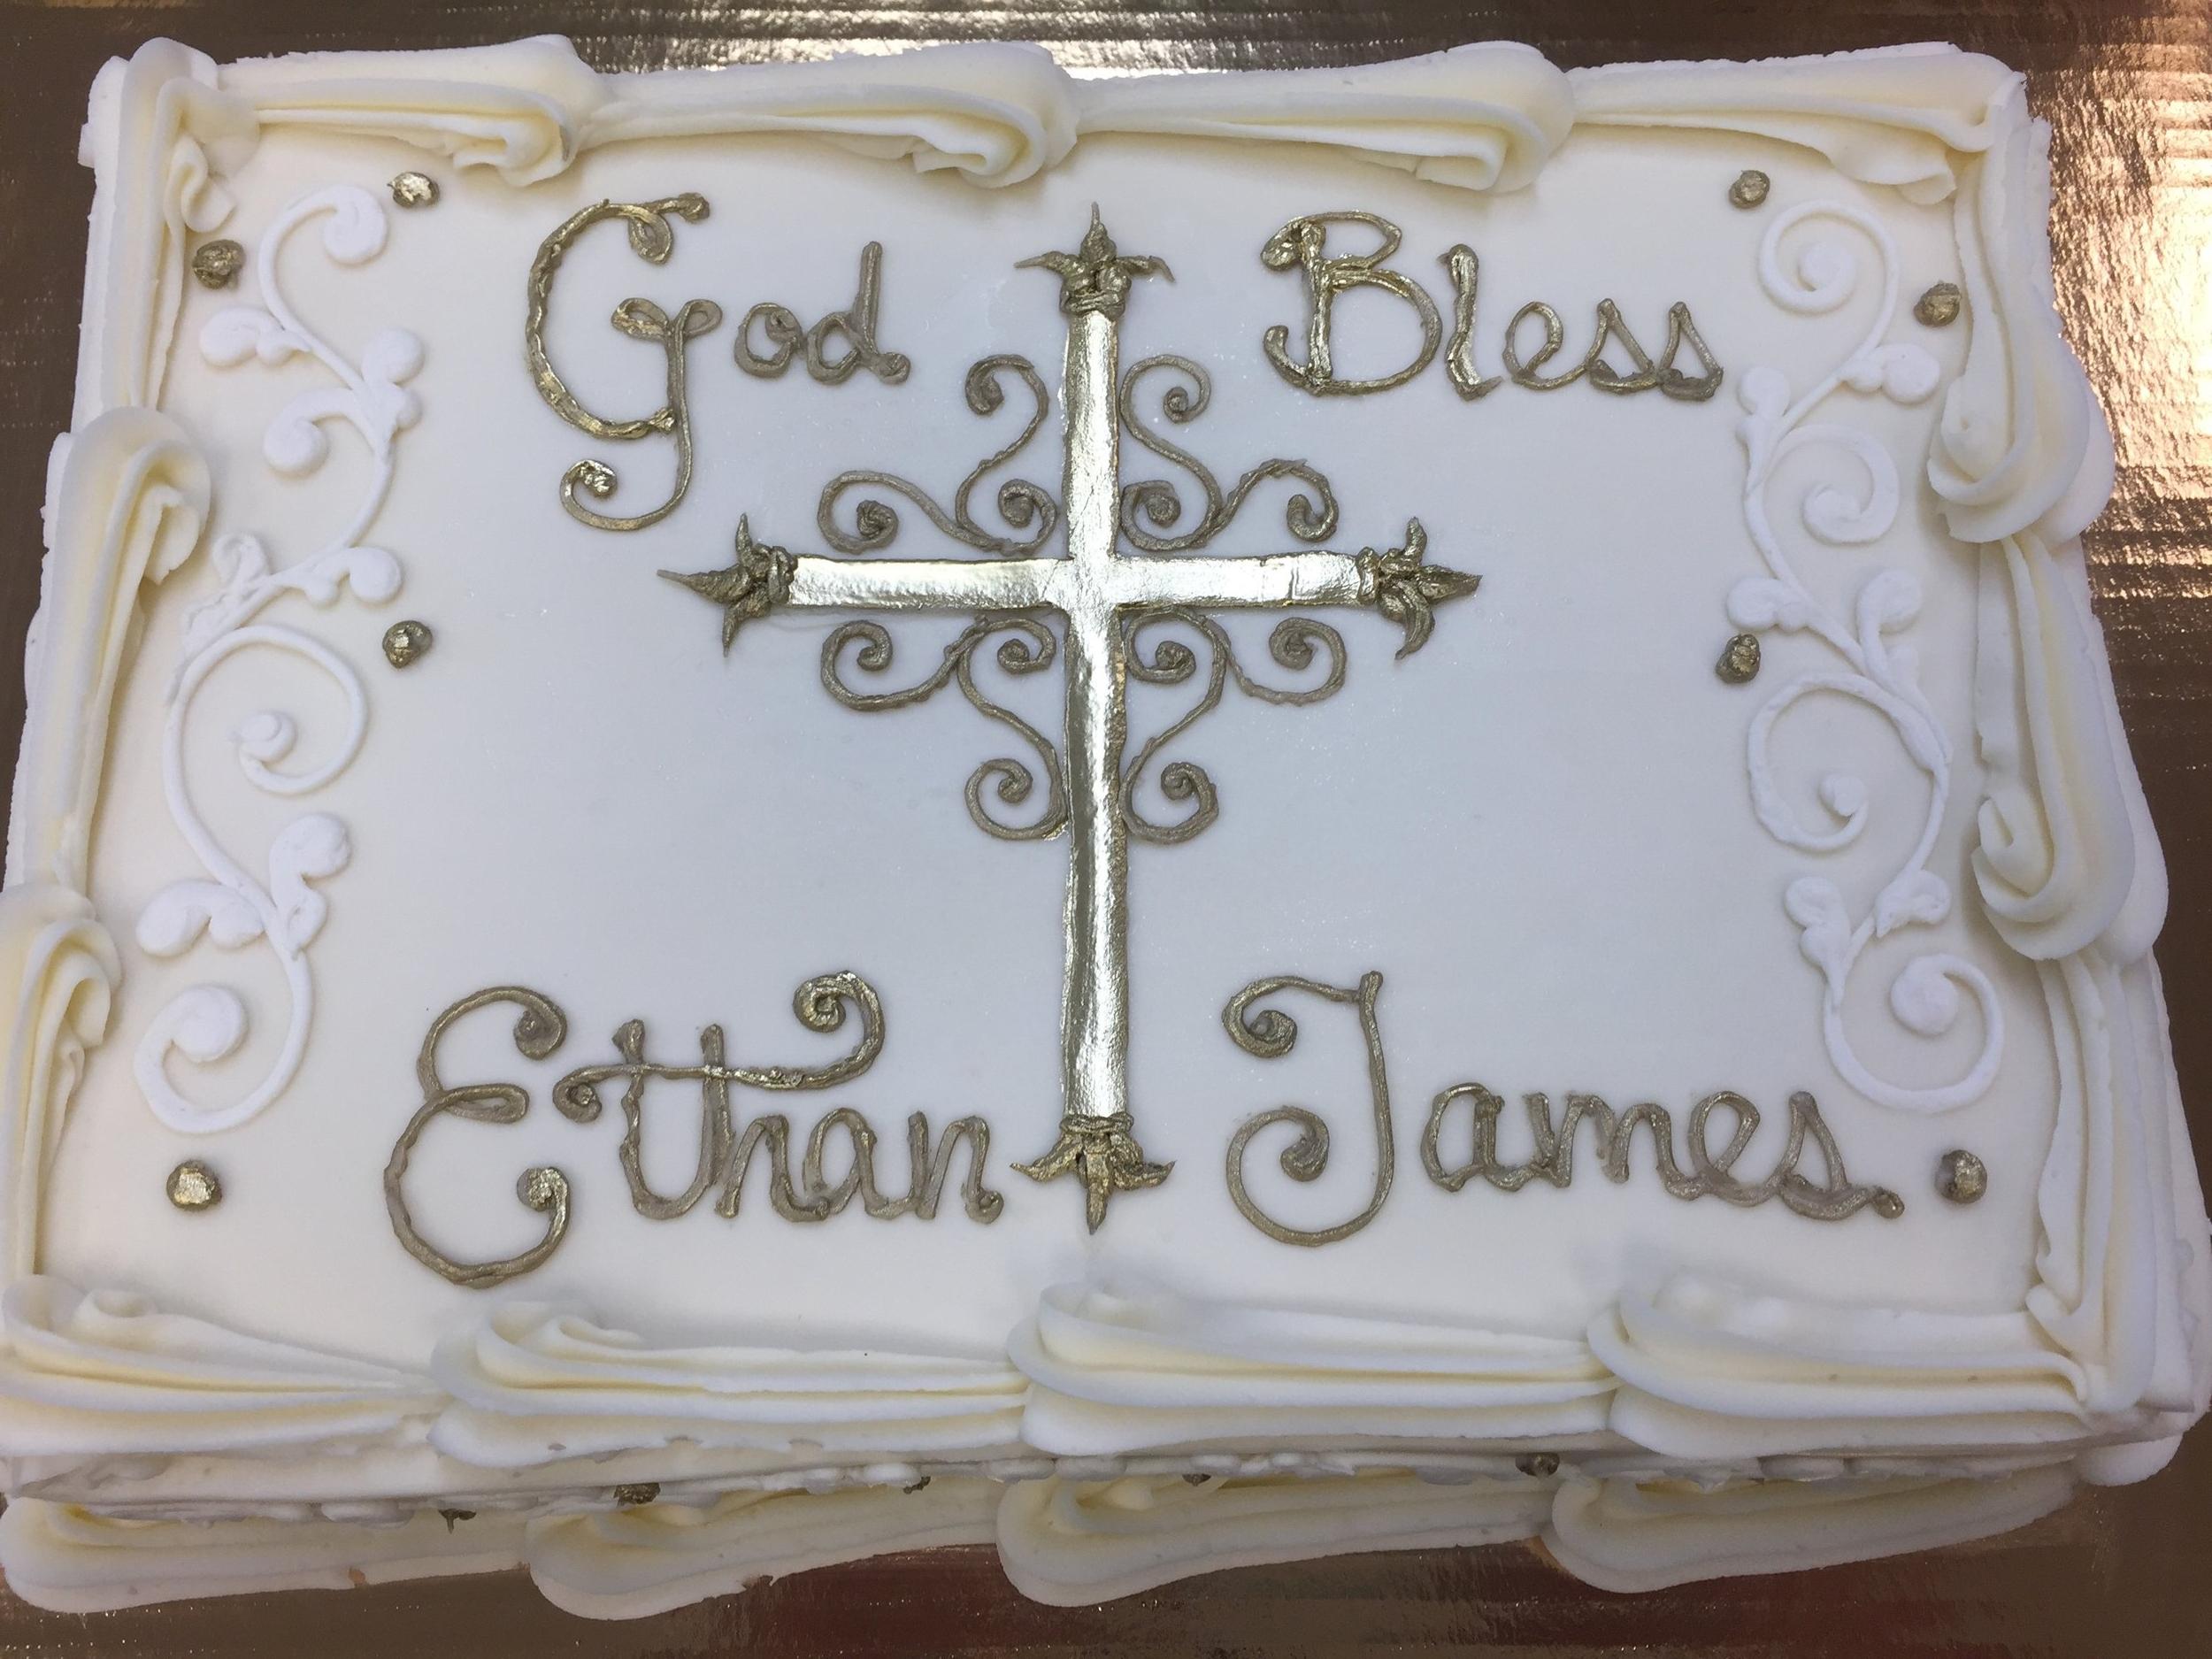 Golden Ornate Cross for Ethan